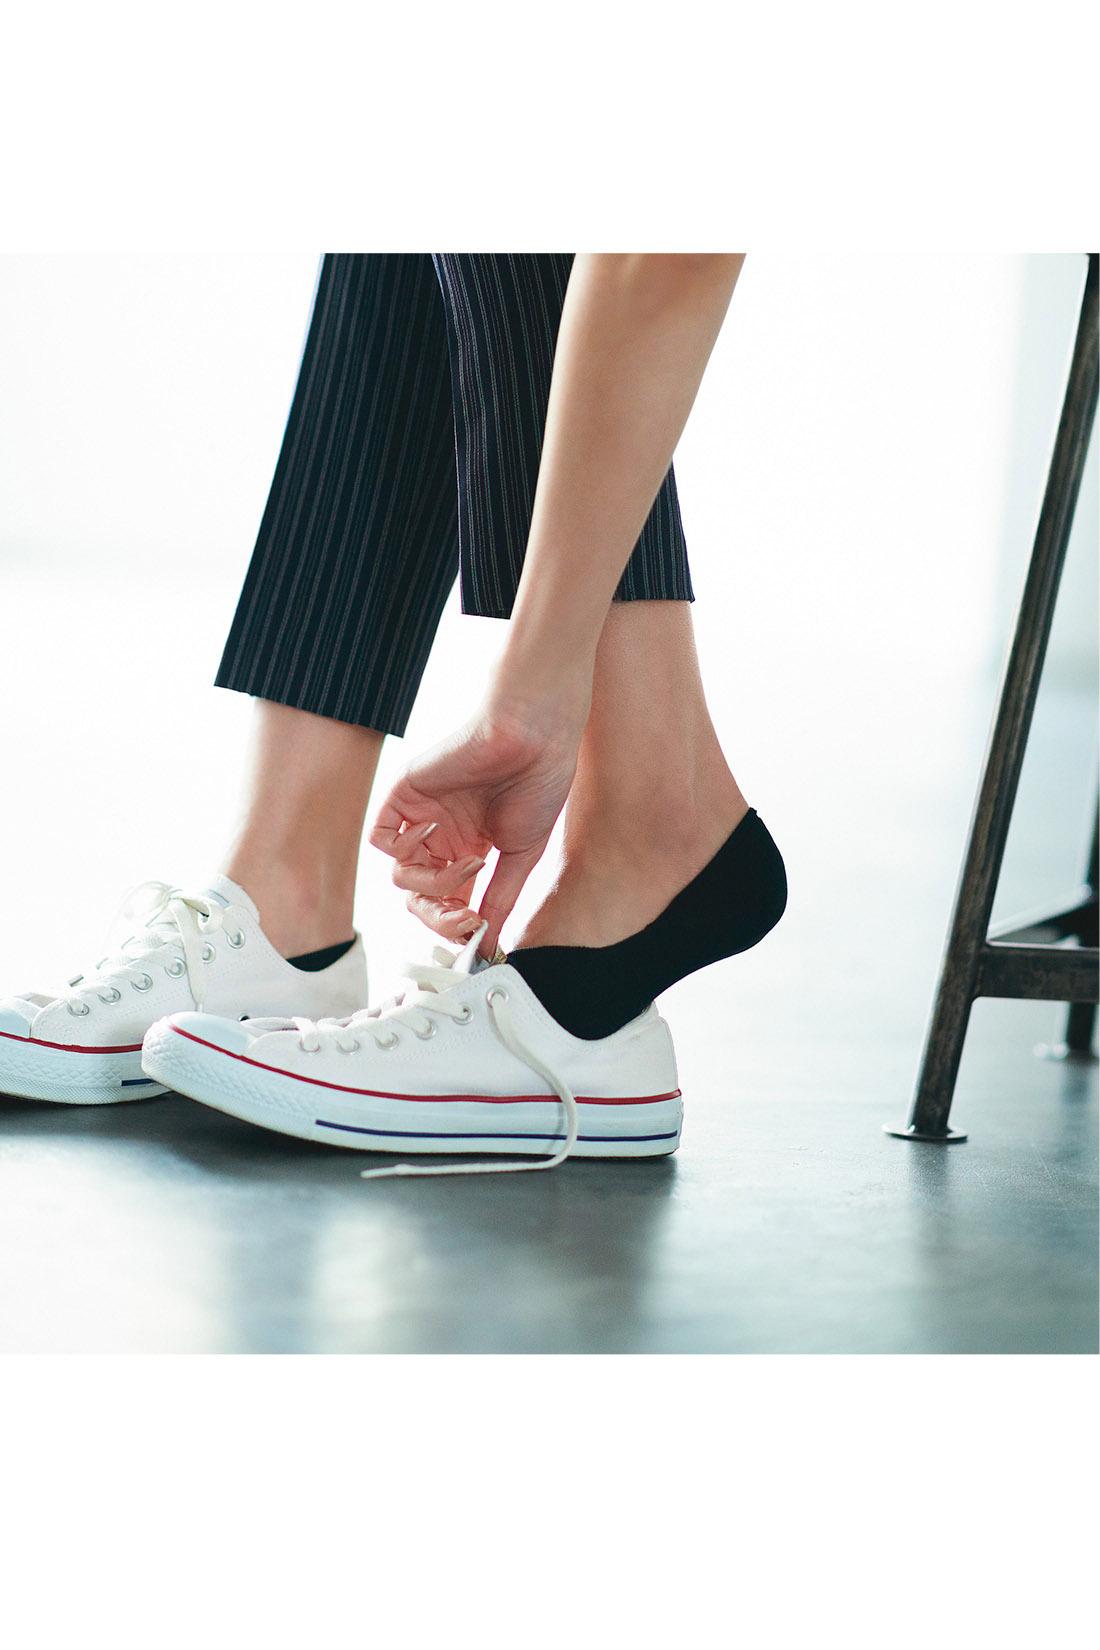 きれいめコーデのハズしに! 抜け感を生む軽やかな足もとの必需品。 ※着用イメージです。お届けするカラーとは異なります。